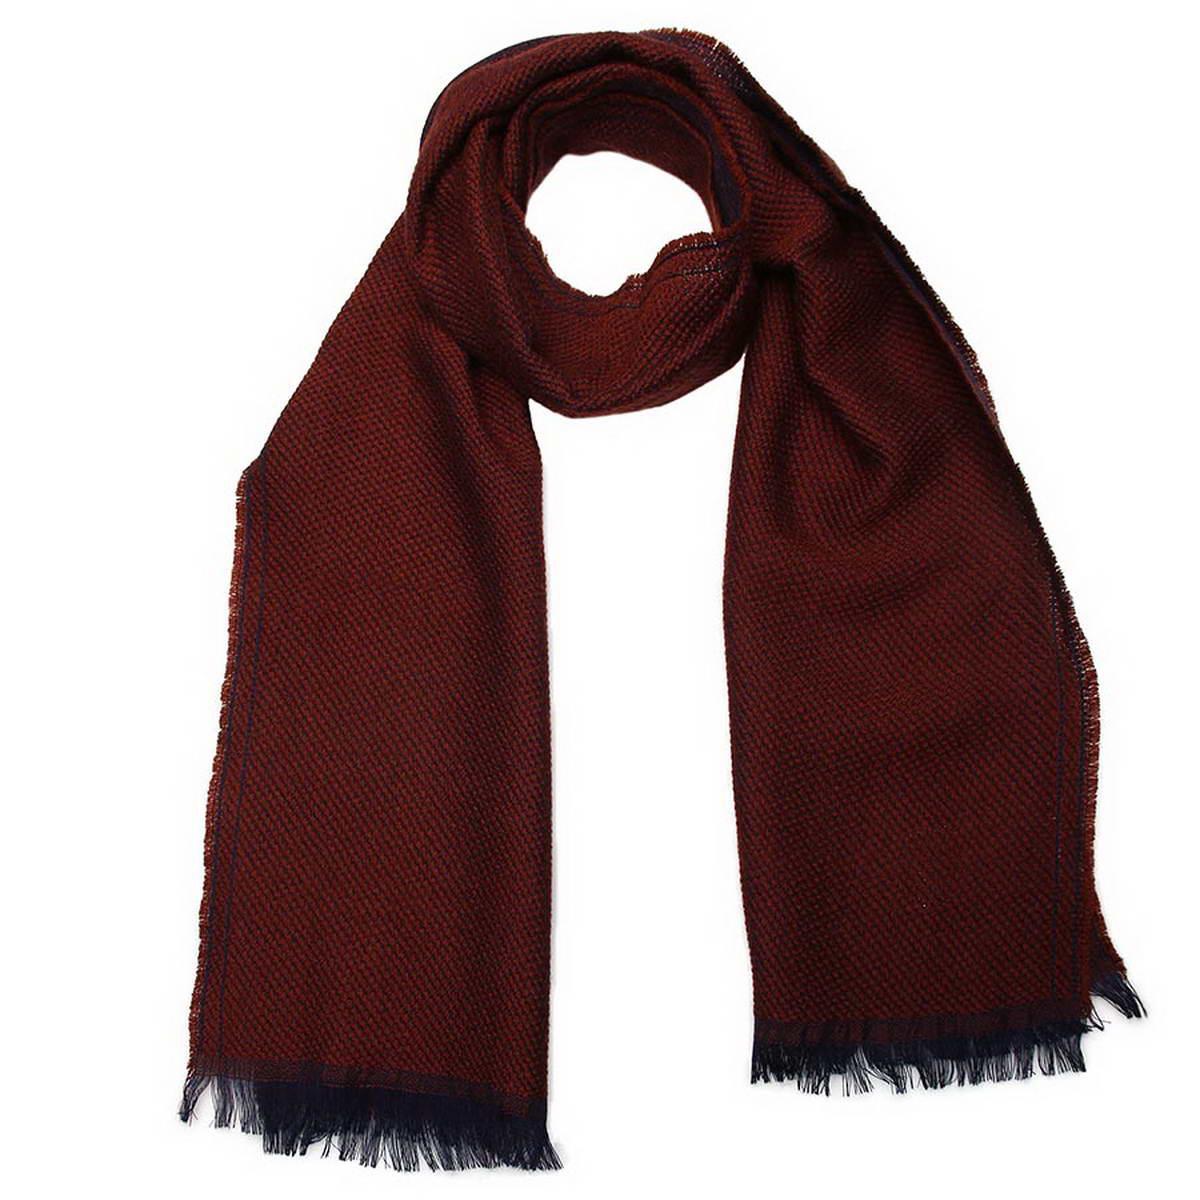 Шарф5001832-10Стильный мужской шарф Venera будет прекрасно согревать в осеннюю прохладу и морозы. Шарф выполнен из натуральной шерсти и оформлен по краям бахромой. Классический шарф идеально дополнит мужской образ, а ненавязчивый дизайн сделает аксессуар универсальной вещью, которая удачно дополнит любую верхнюю одежду мужчины, подчеркнет неповторимый вкус и элегантность.